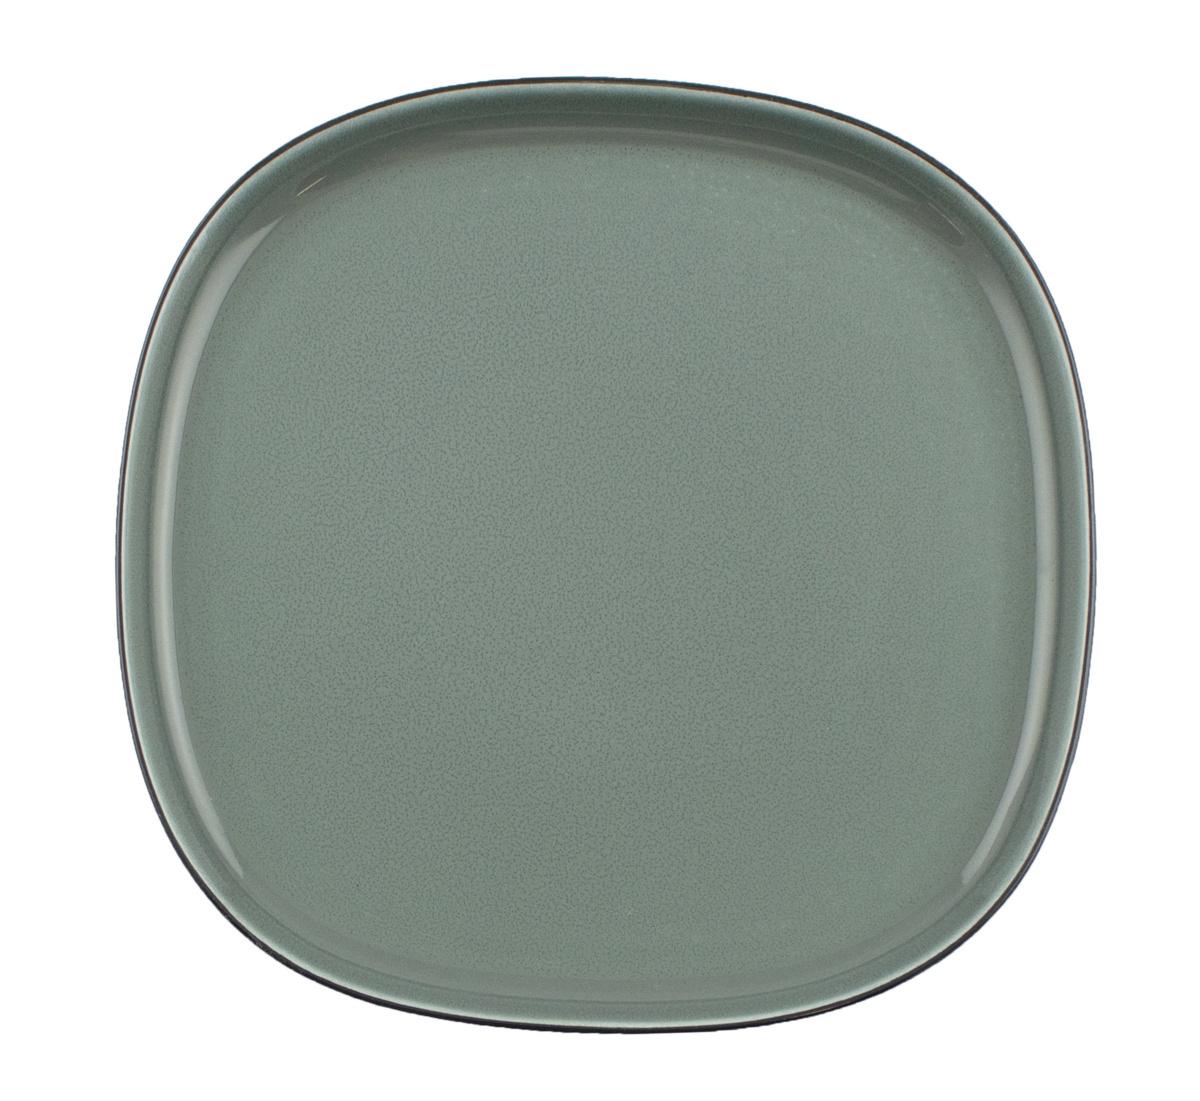 Assiette coupe plate carrée porcelaine 22x22 cm Ikon Ariane